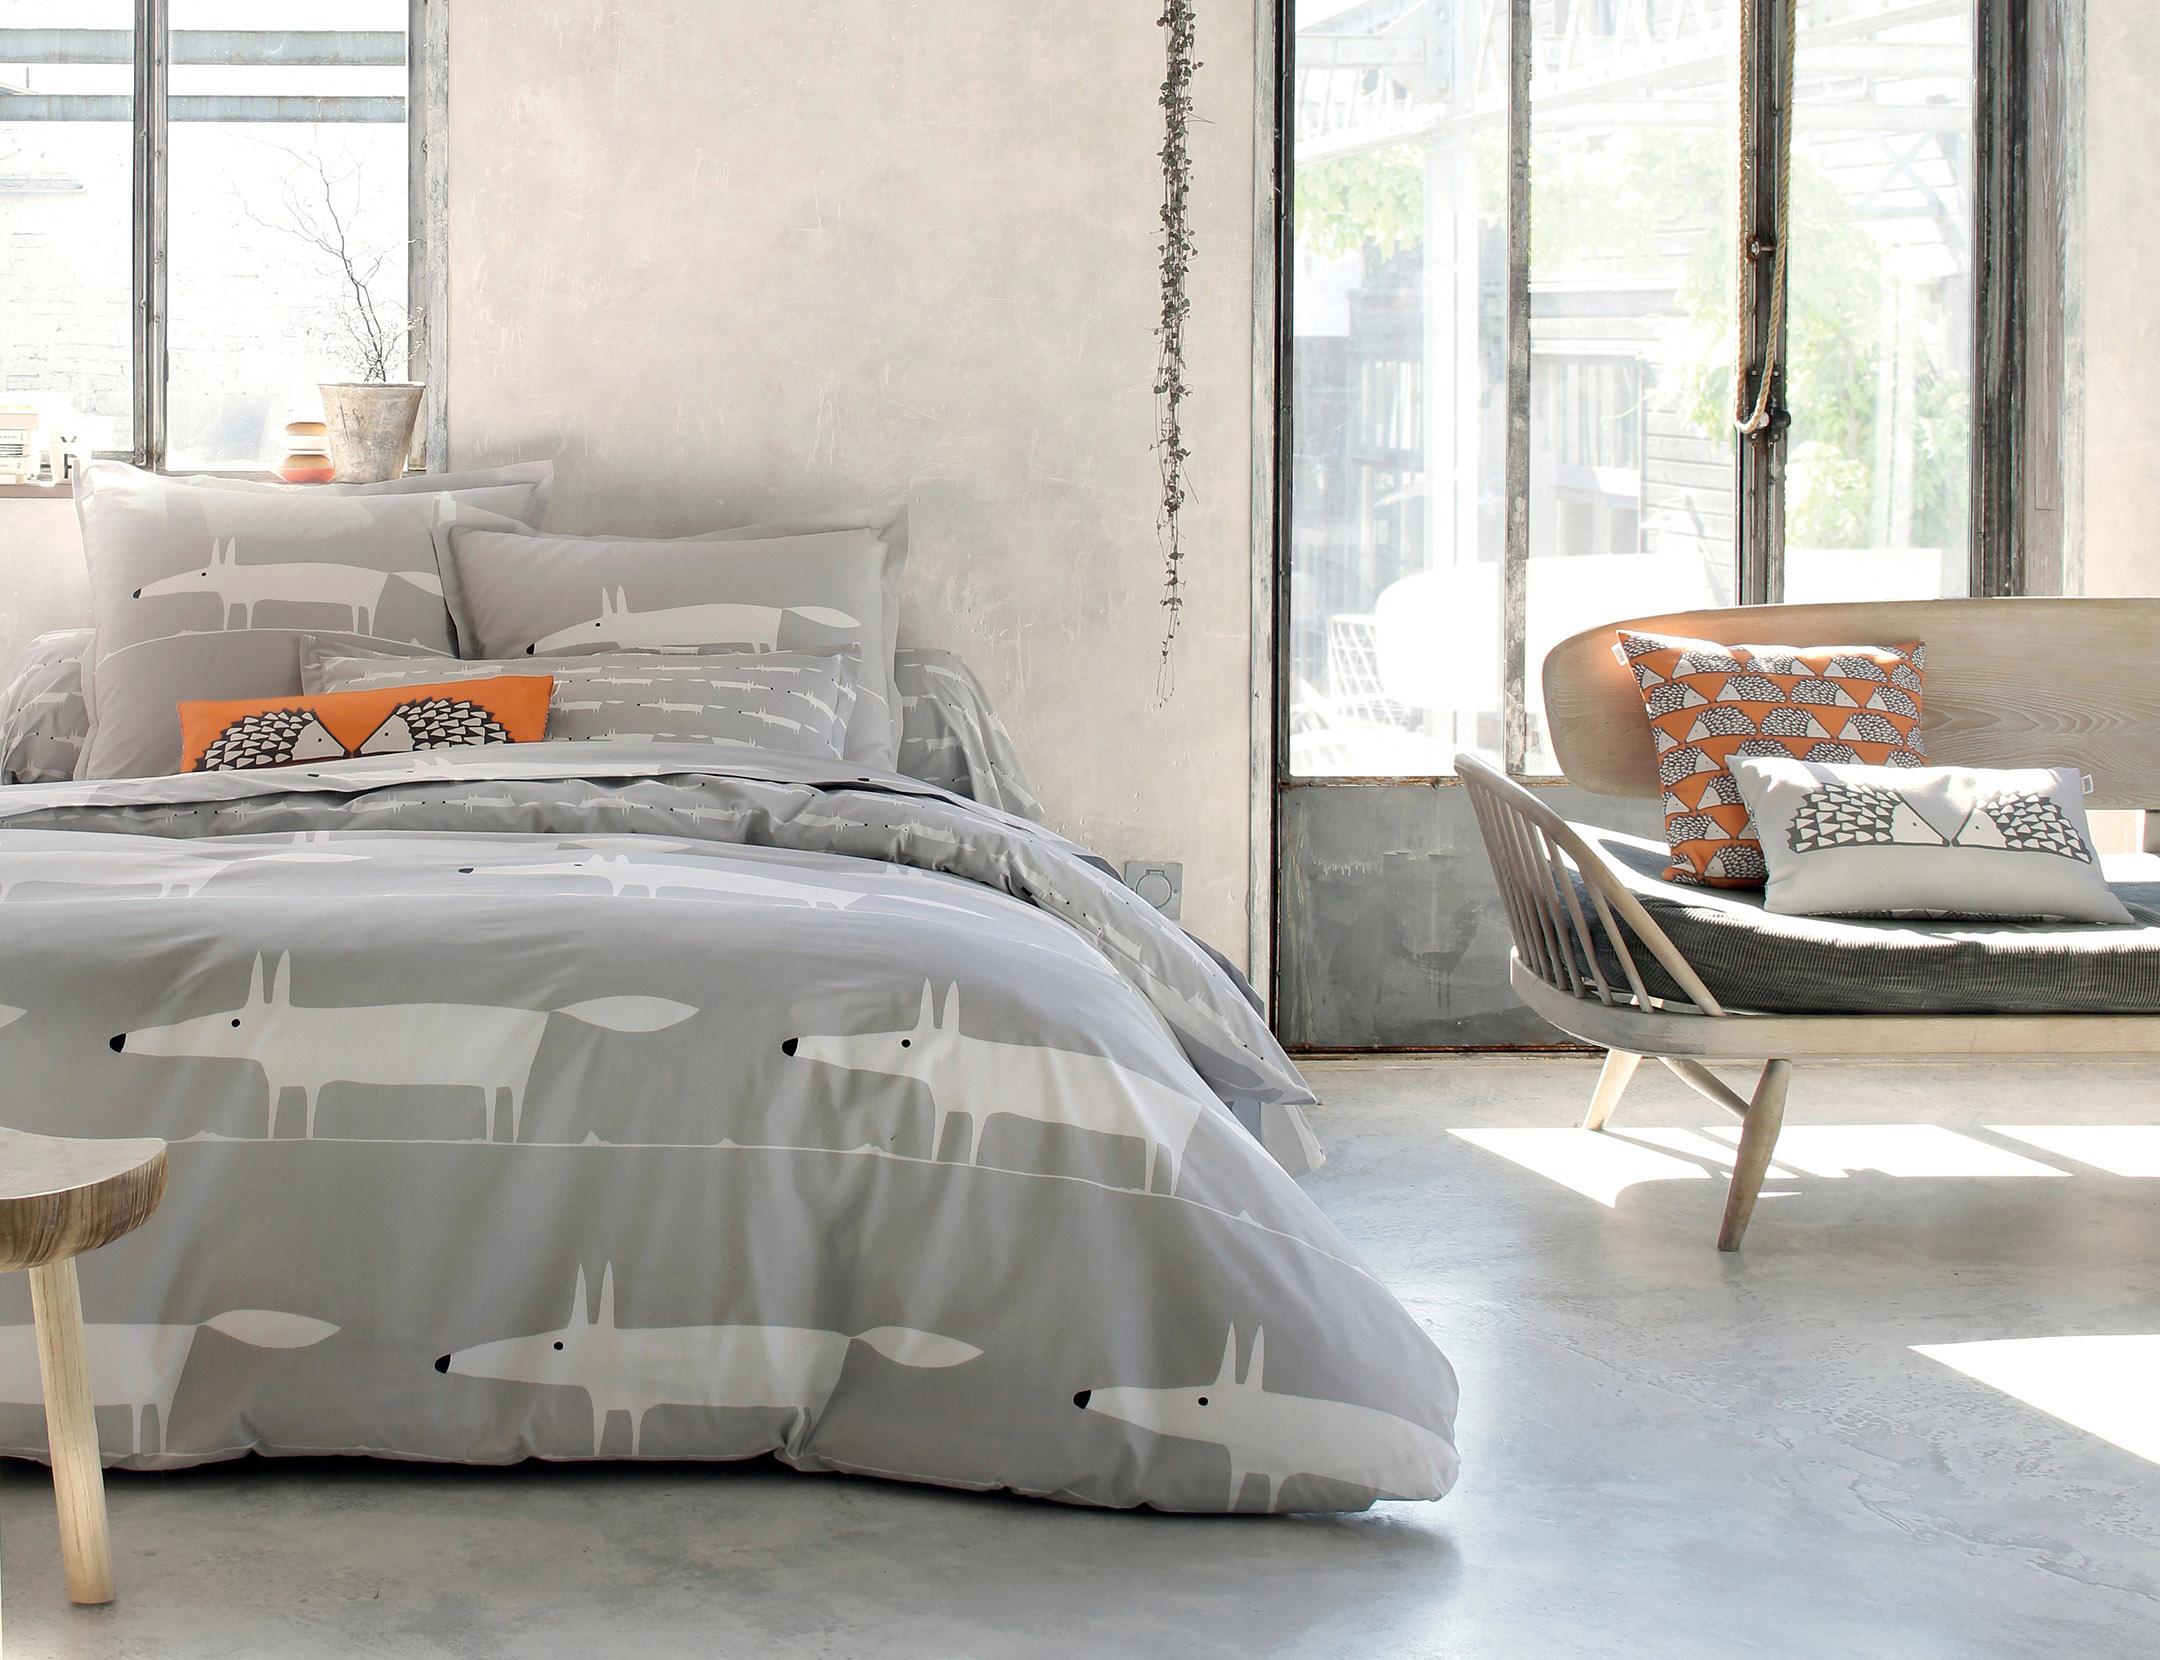 mr fox housse de couette la boutique blanc des vosges. Black Bedroom Furniture Sets. Home Design Ideas